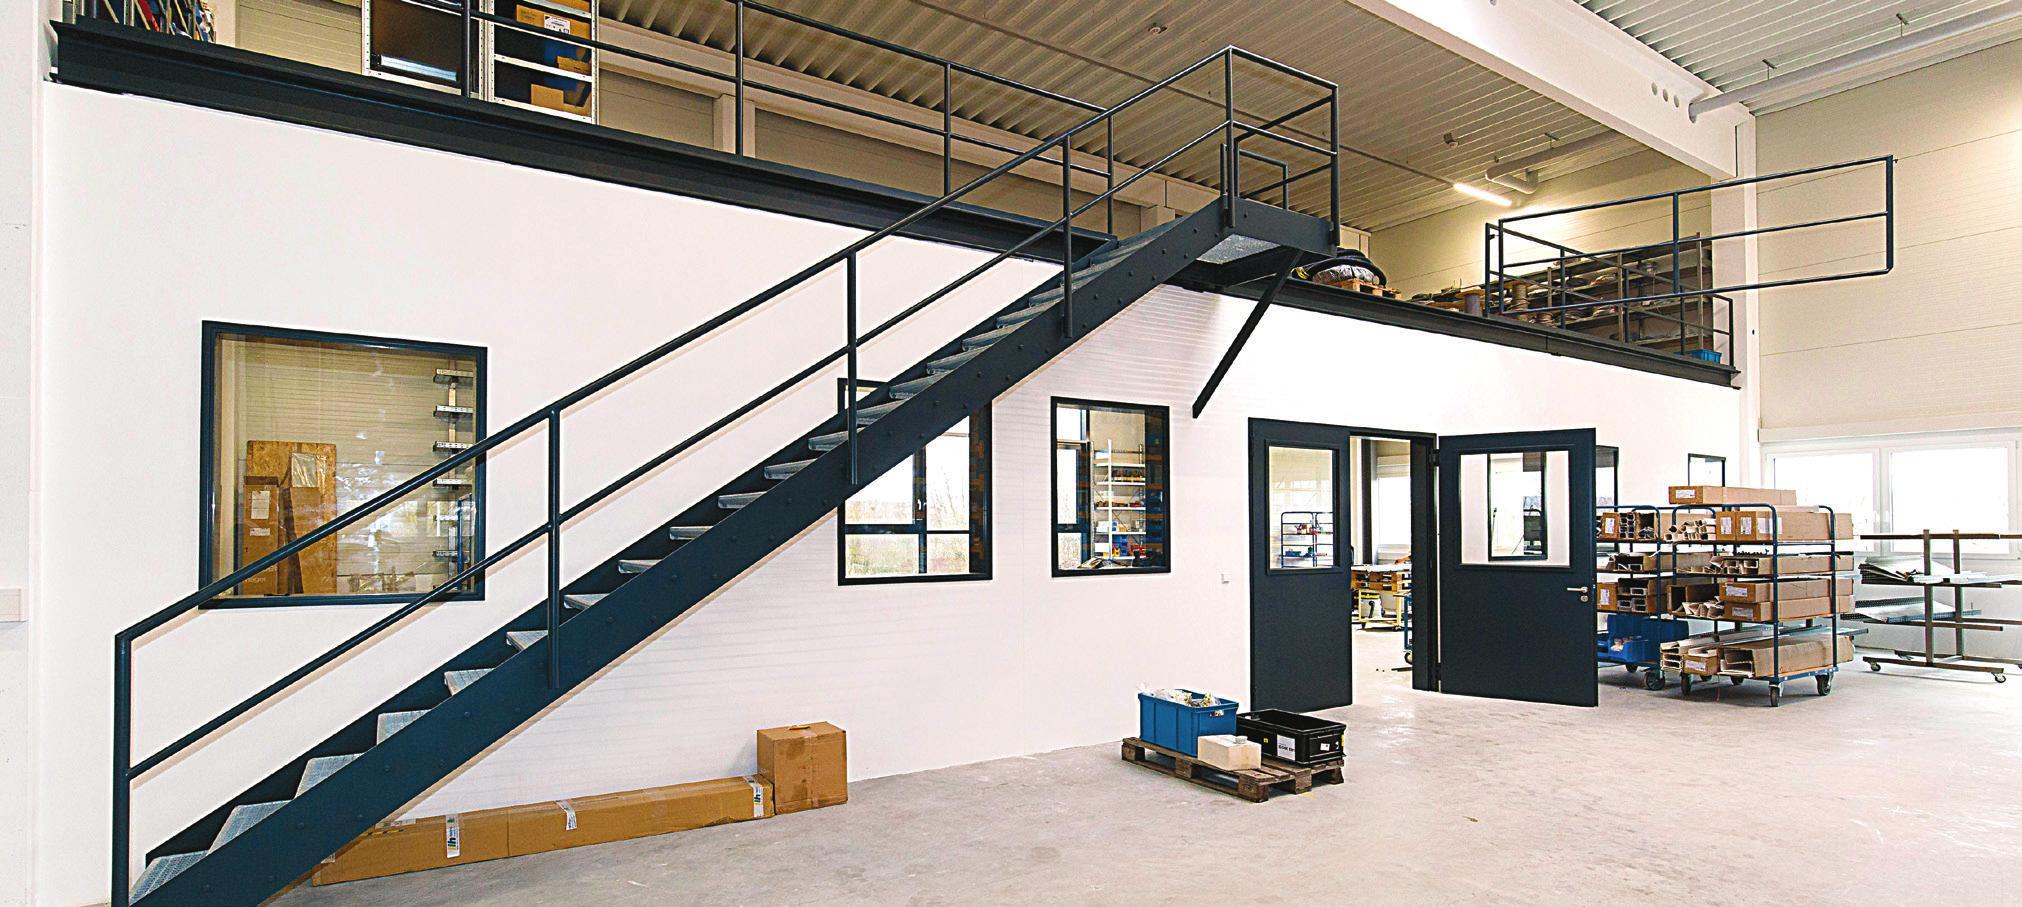 Im neuen Gebäude ist auch eine Elektrowerkstatt für den Schaltschrankbau untergebracht.